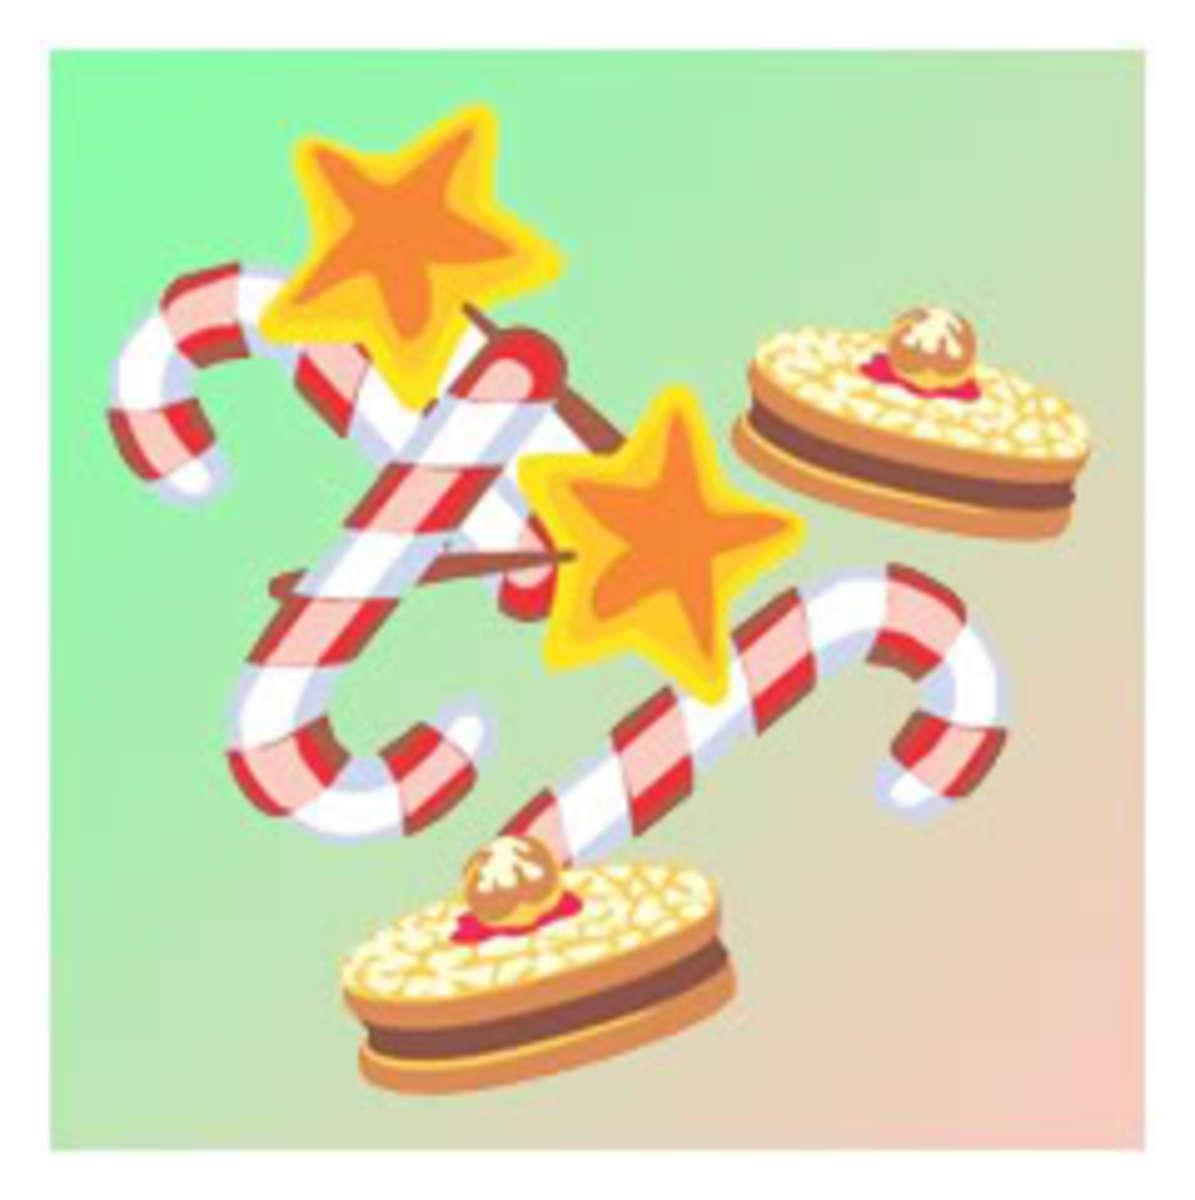 xmascookies1